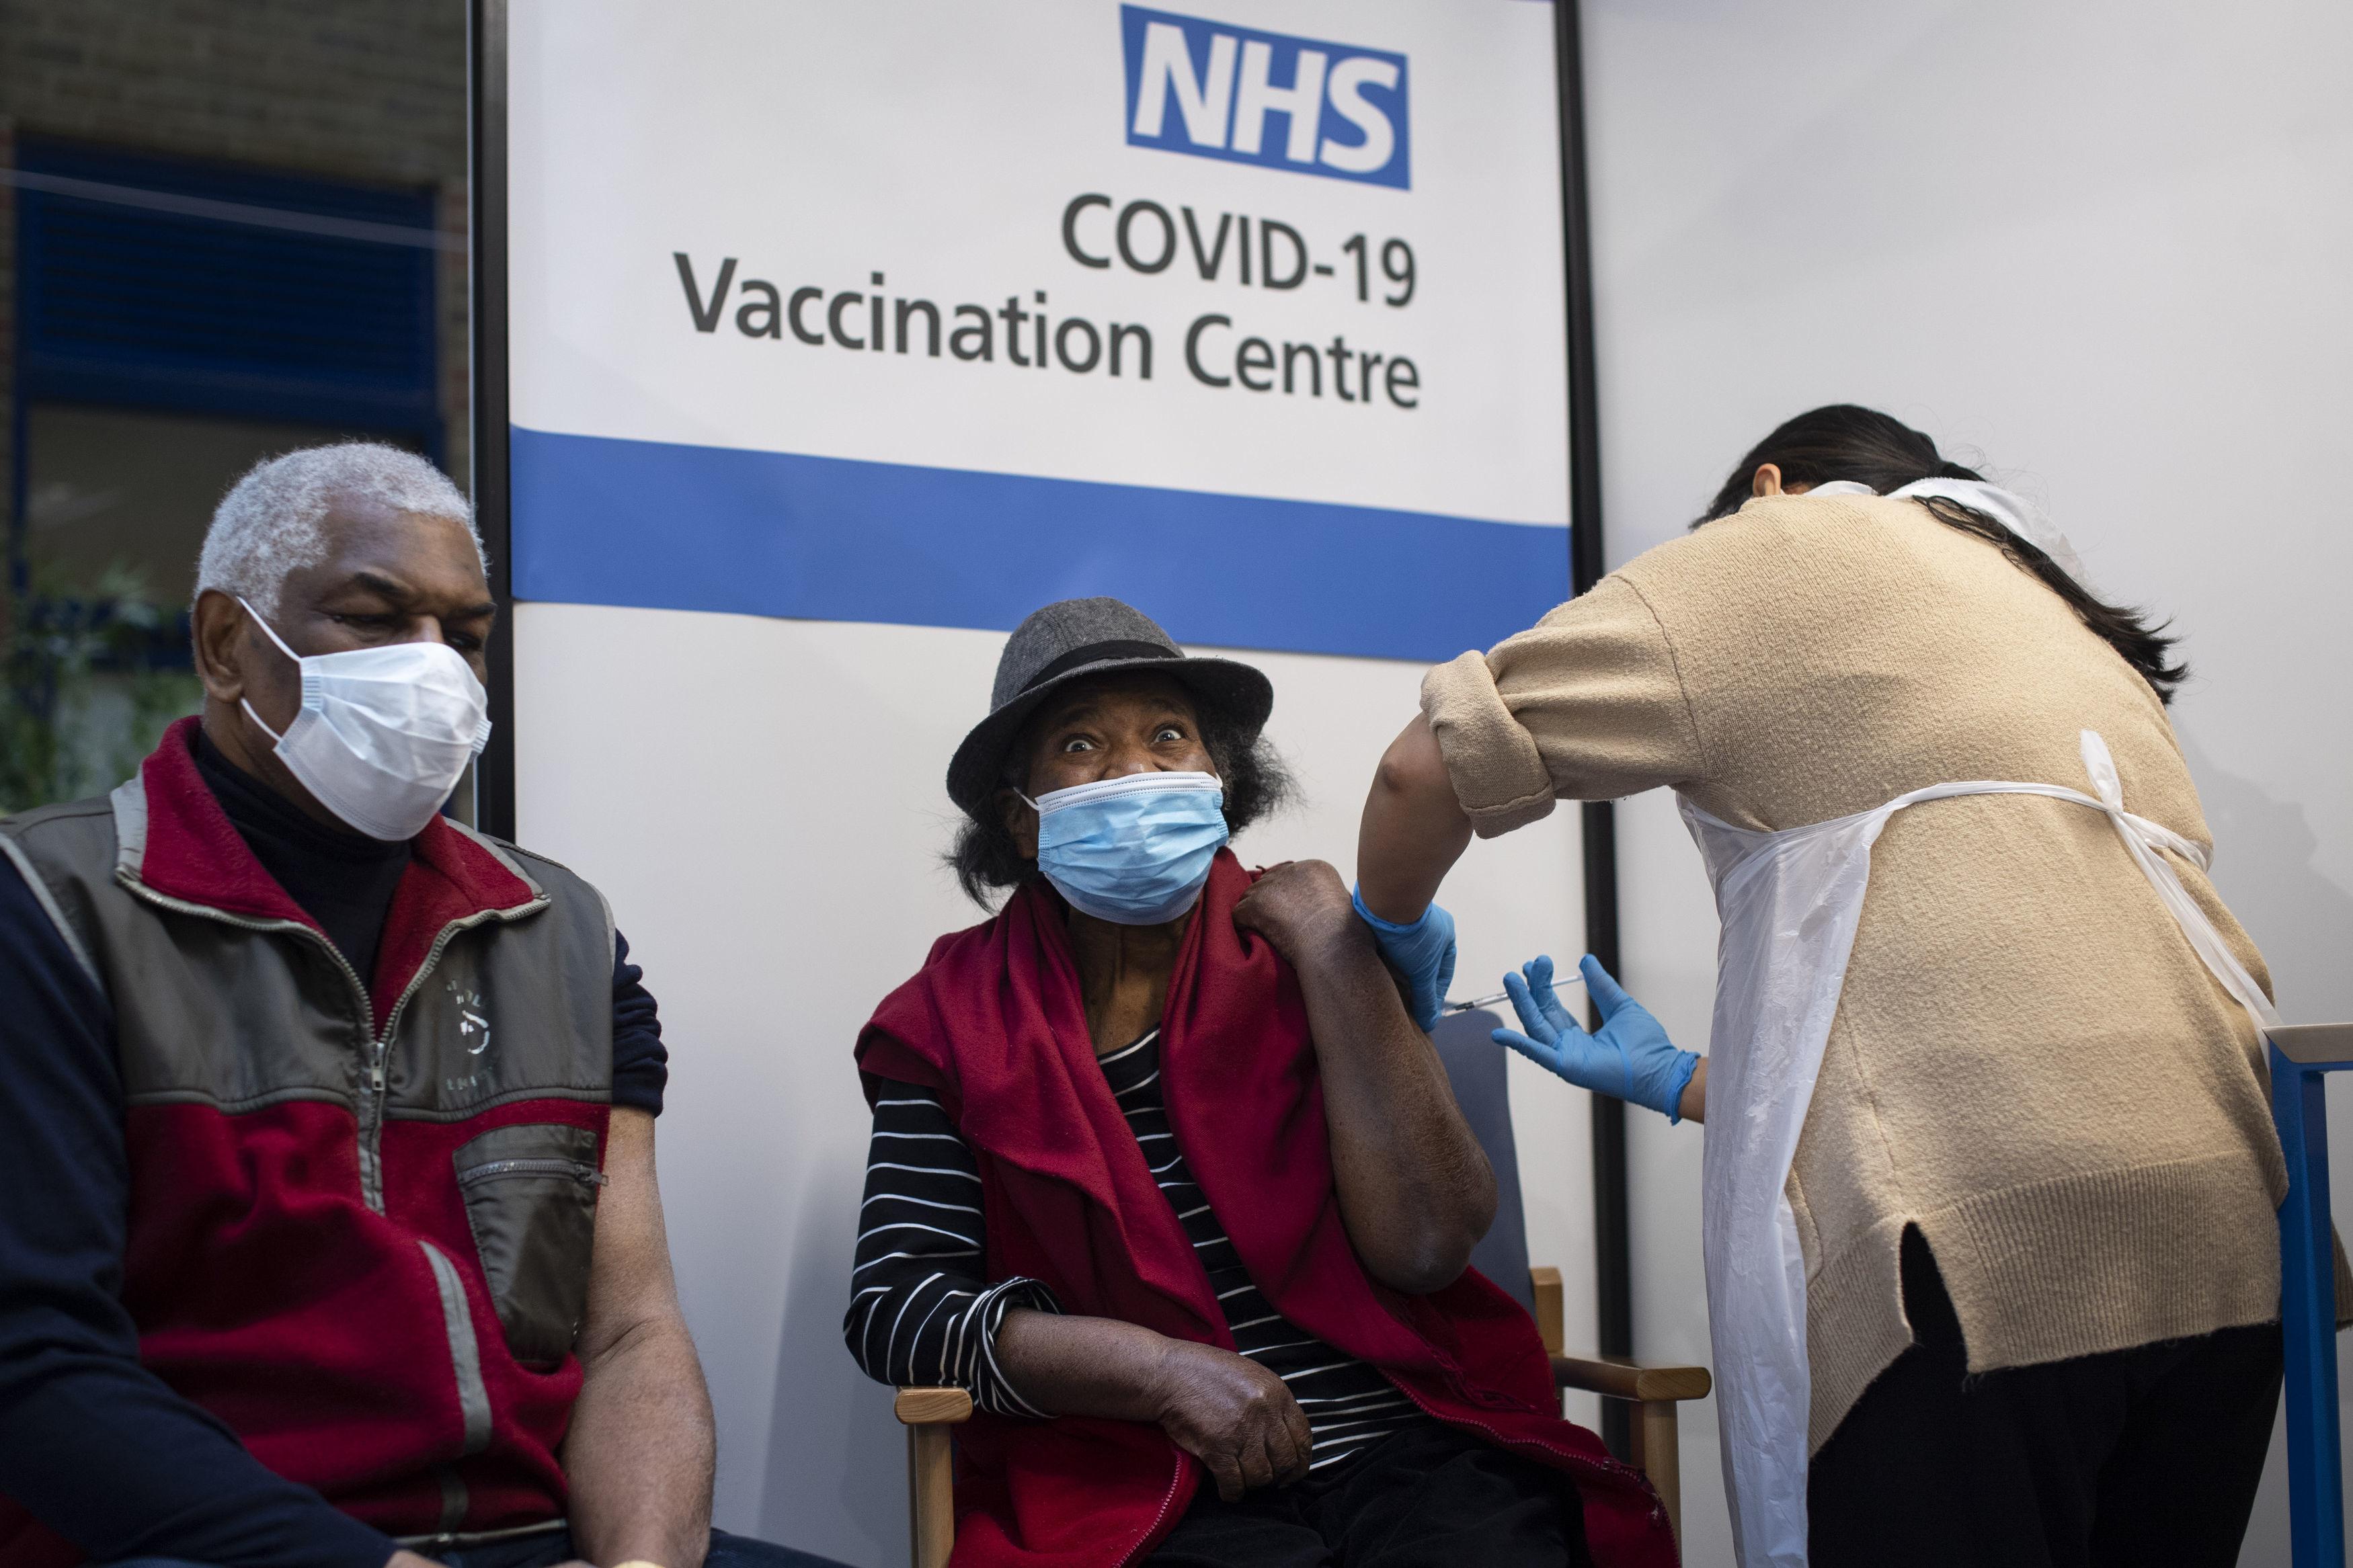 Resultados de ensayos clínicos sobre la vacuna Pfizer es validado por revista científica